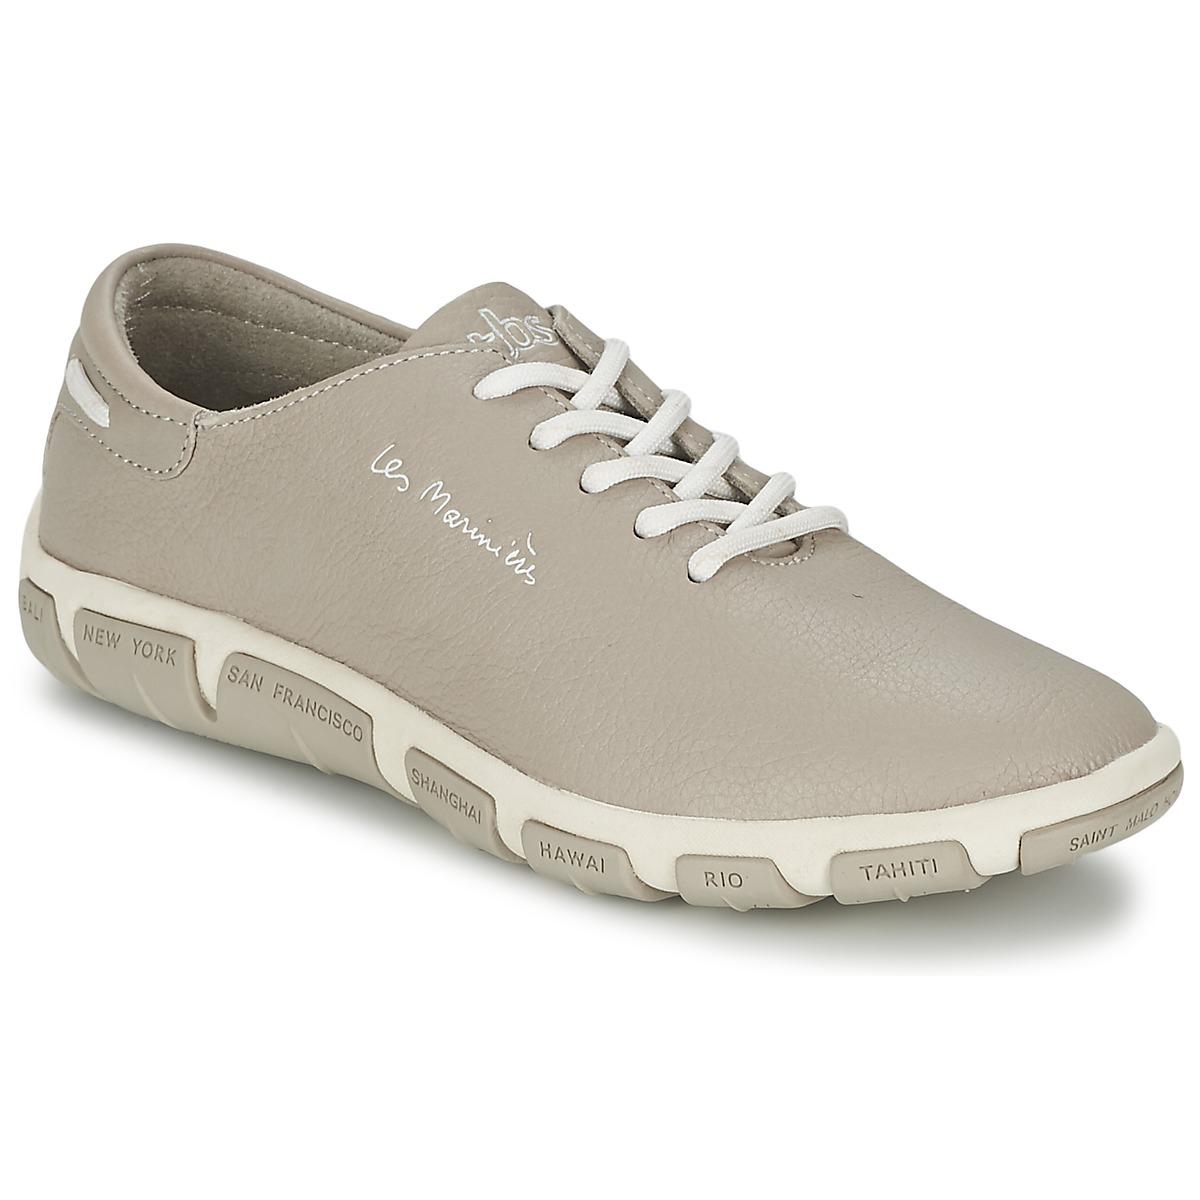 Chaussure femme. Vente de chaussures pour femme: ballerines, babies, baskets, boots, bottines, chaussures professionnelles, derbies, escarpins, mocassins, mules et.